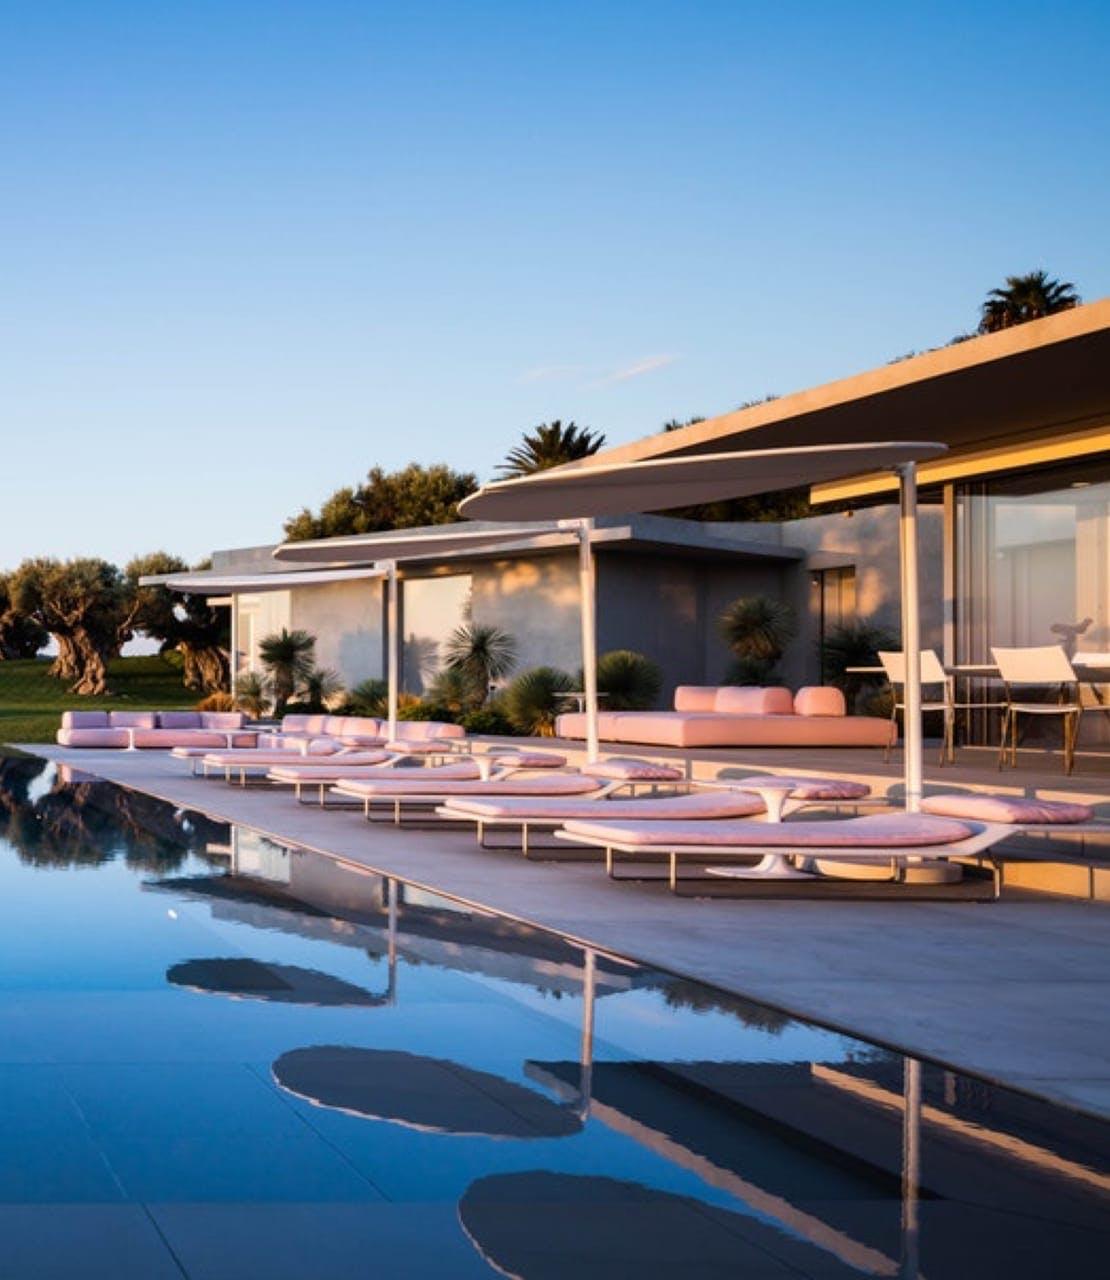 70's styled villa